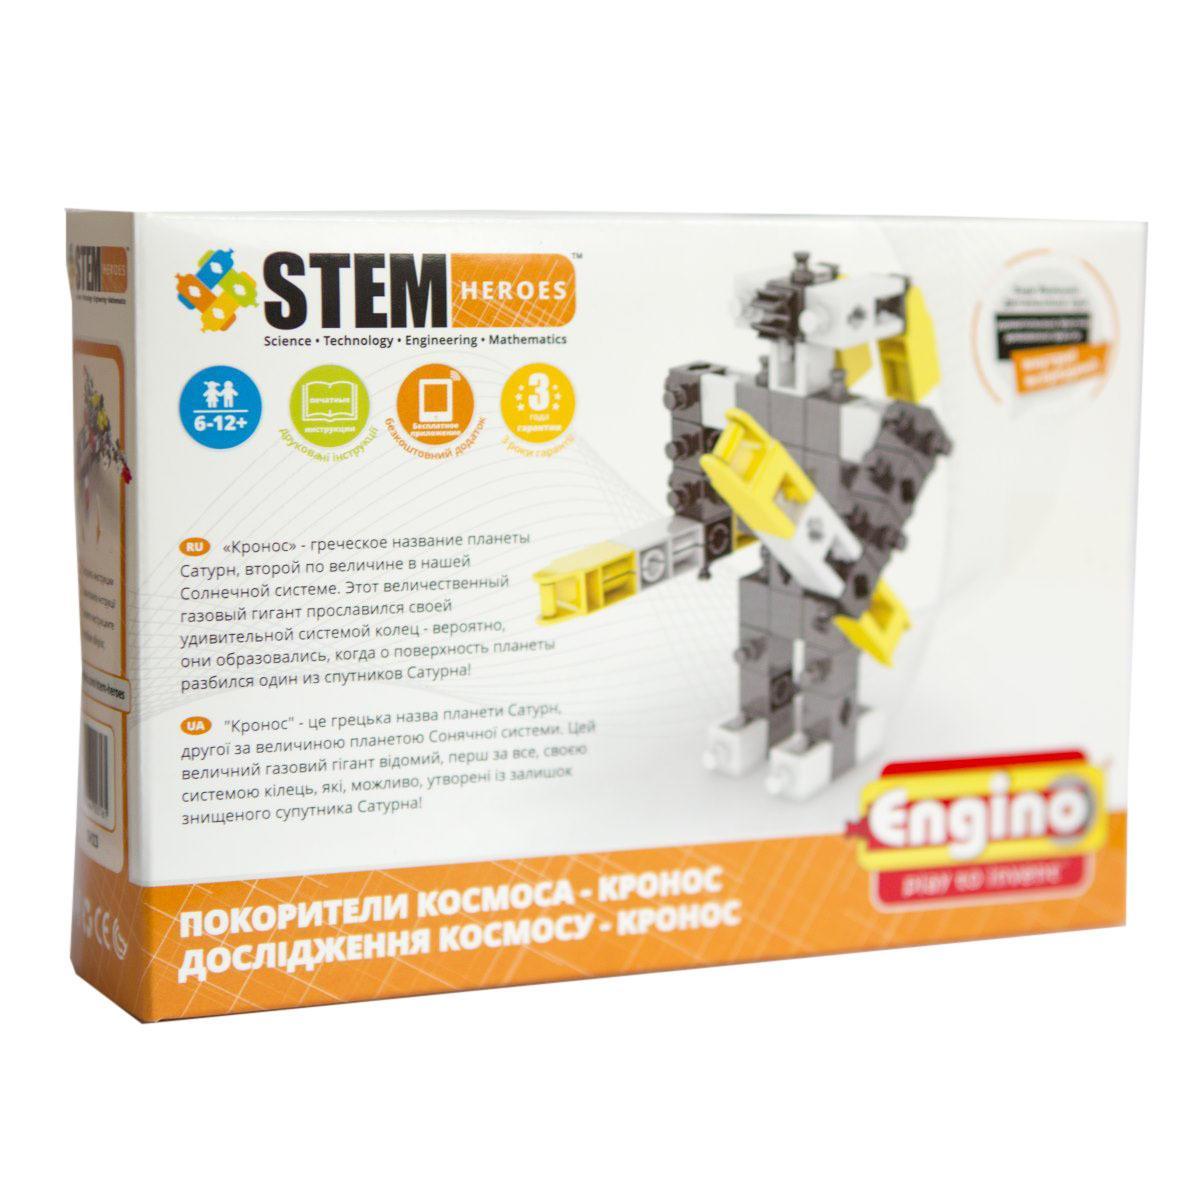 Купить Конструктор ENGINO SH23 STEM HEROES. Покорители Космоса. Кронос, Кипр